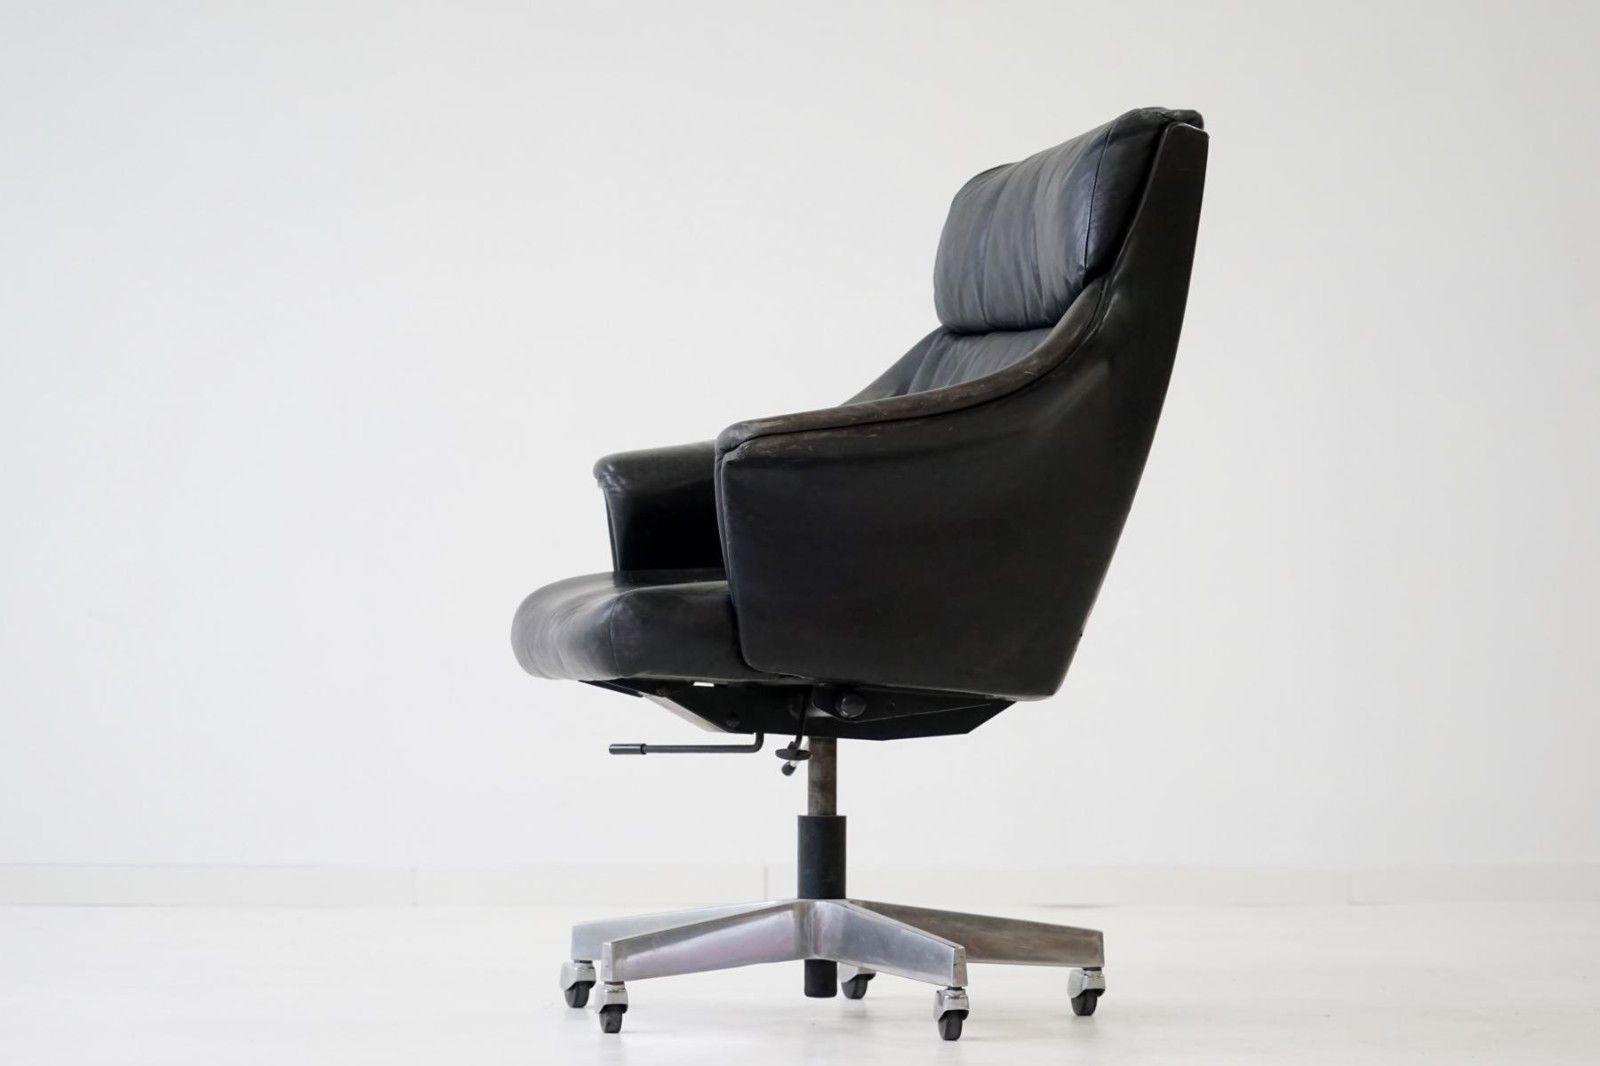 Stoll Giroflex Executive Office Chair Chef Buro Schreibtisch Stuhl Sessel 1960er Stuhle Mit Hoher Ruckenlehne Stuhle Burostuhl